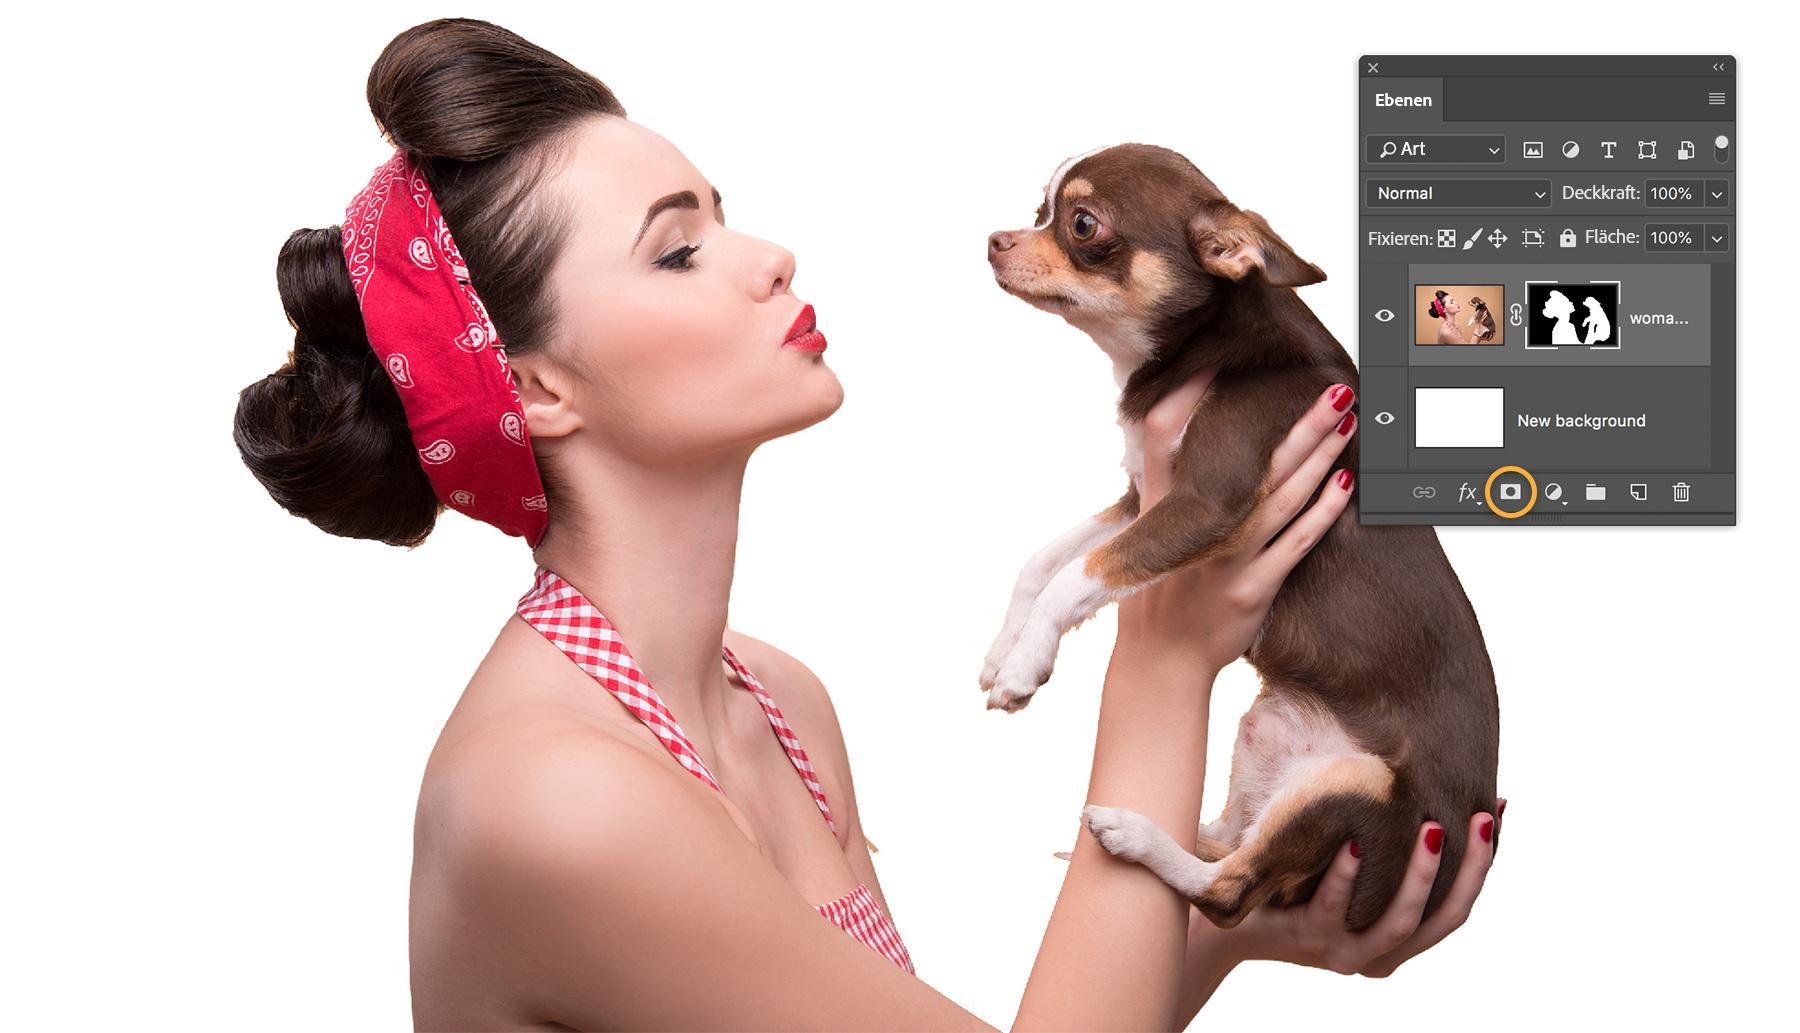 adobe photoshop elements 2018 hintergrund ändern